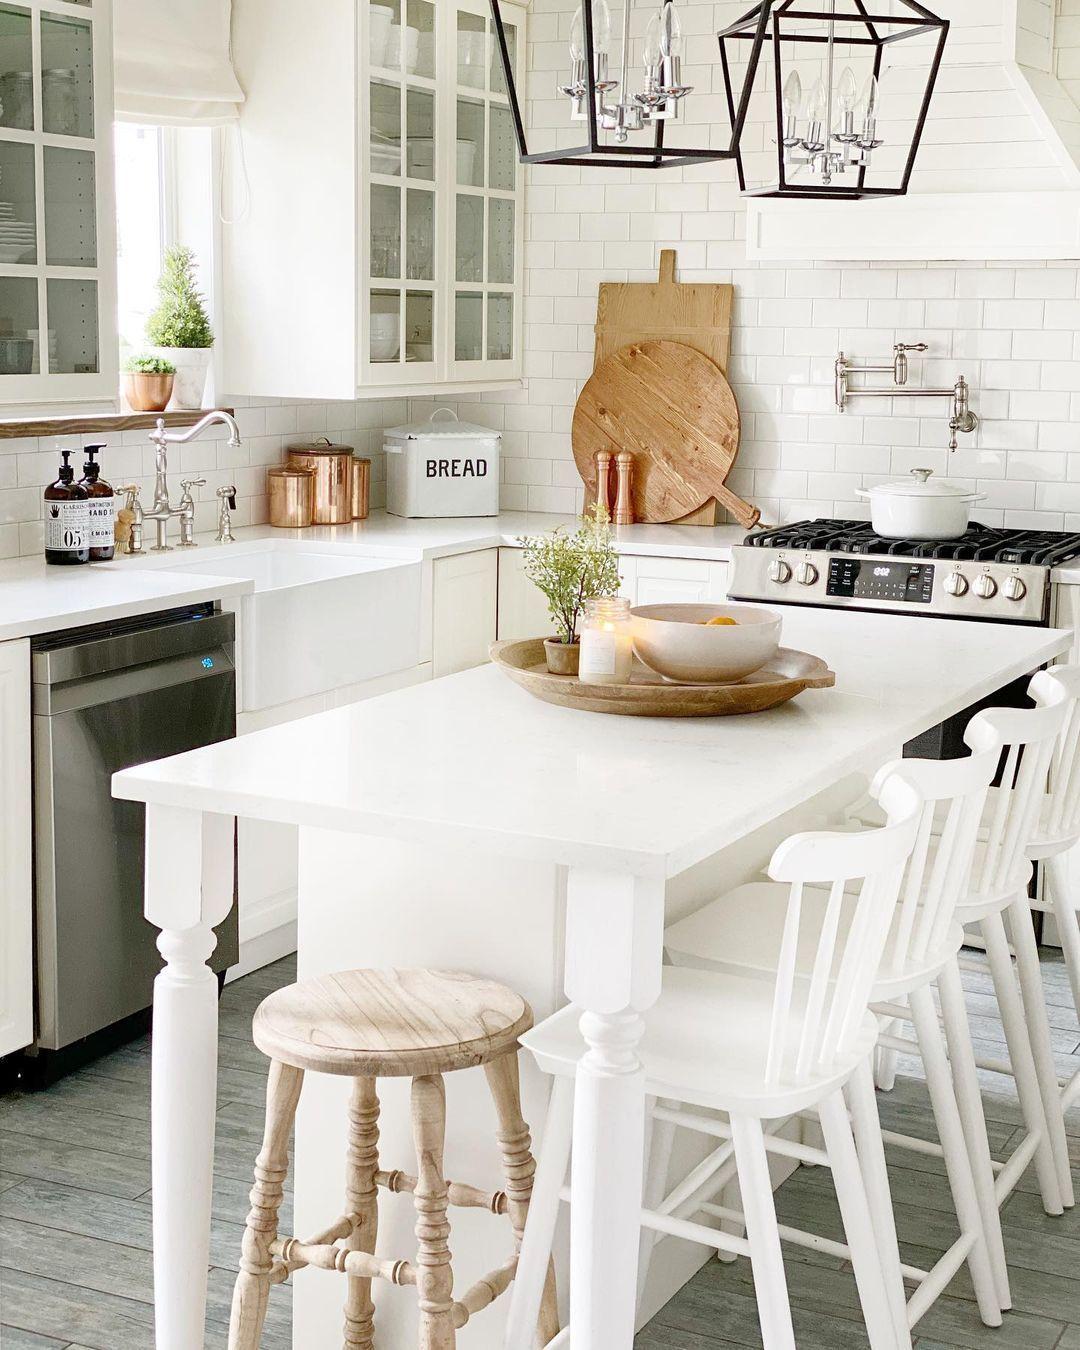 9 Stunning Farmhouse Kitchen Decor Ideas